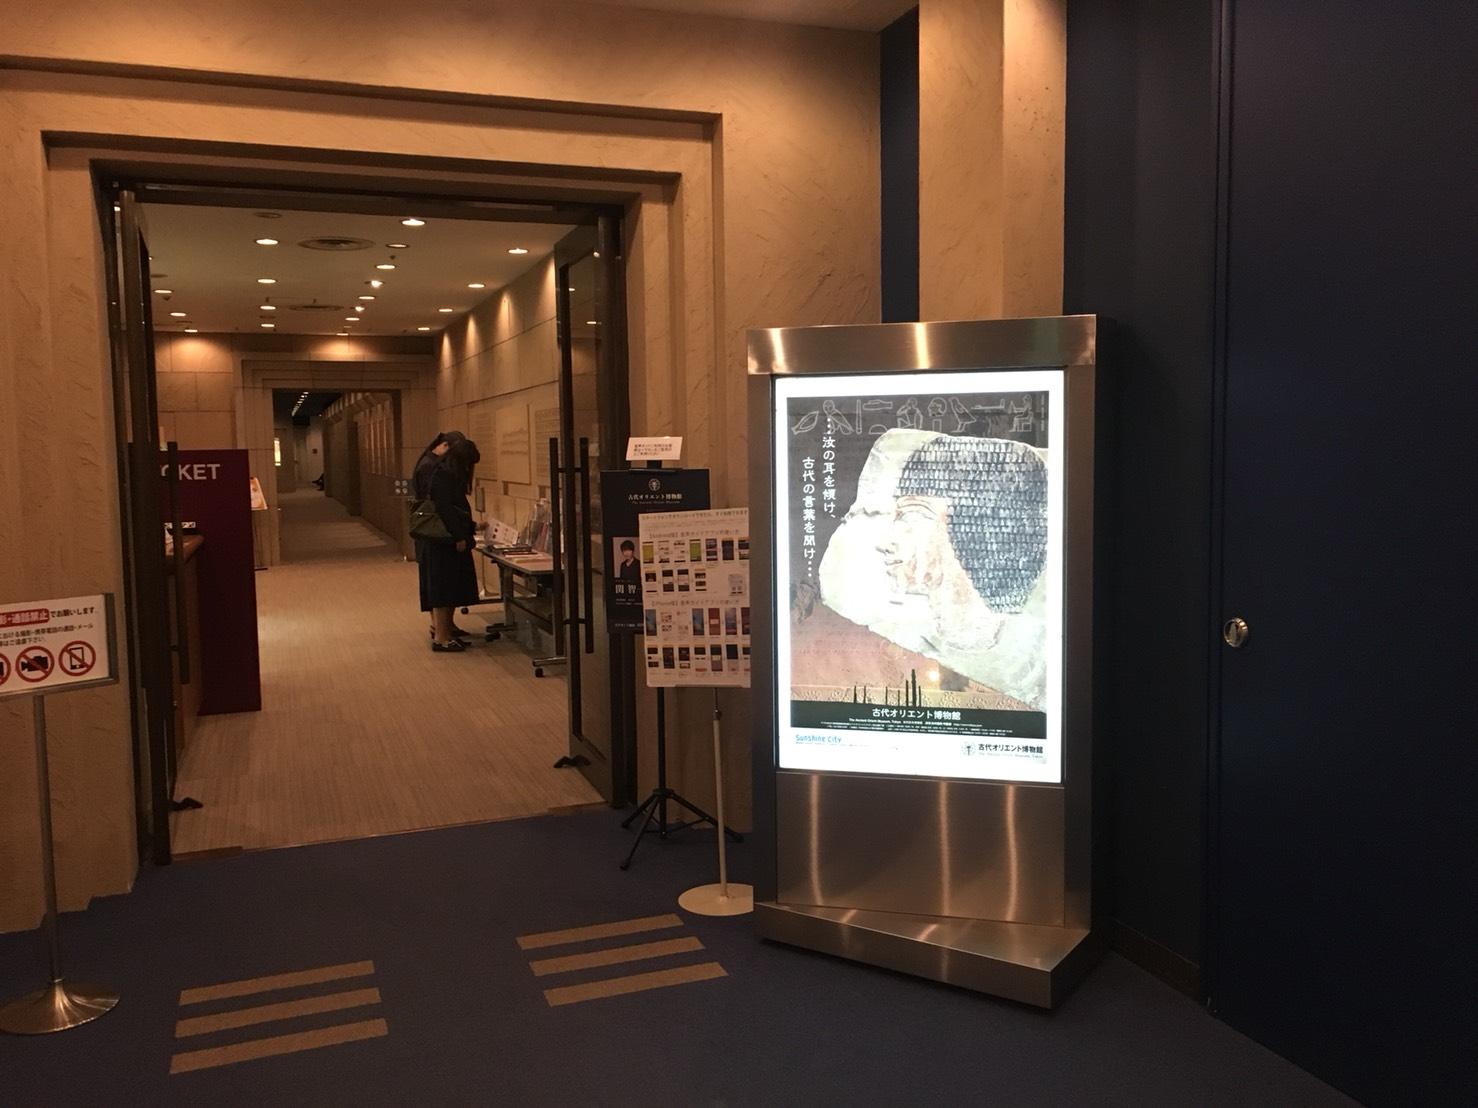 【池袋駅】池袋で古代の文明に出会える「古代オリエント博物館」スタート